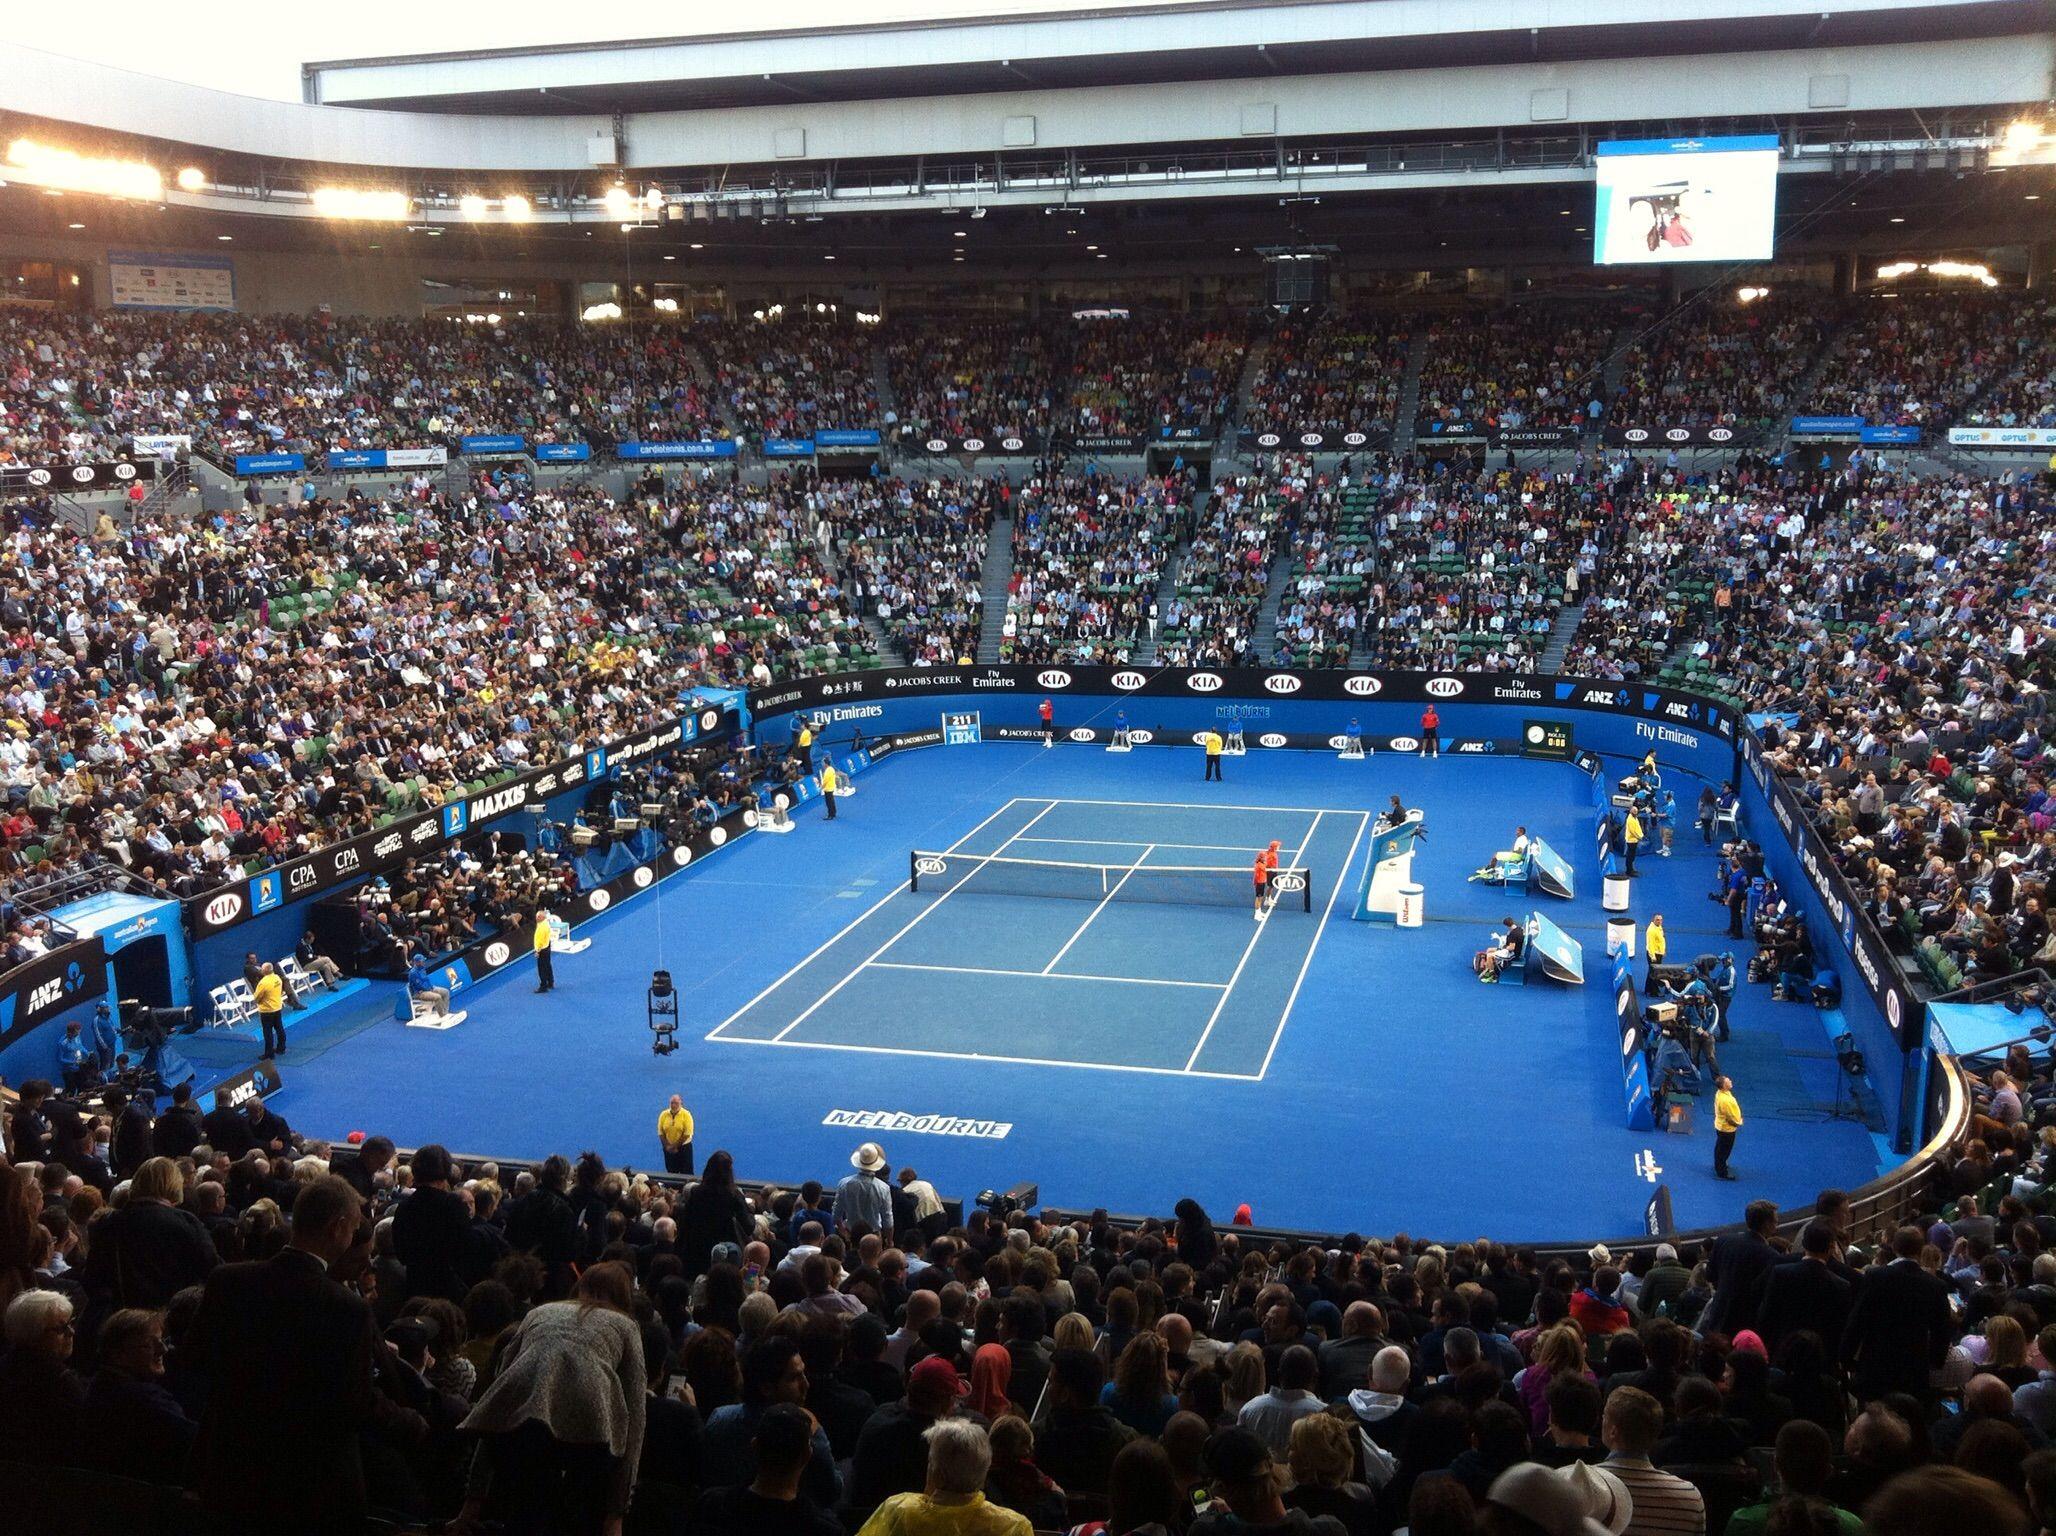 Presenze Spettatori Slam-Masters 1000 2017: Australian Open batte tutti. Indian Wells il 1000 con più presenze. Madrid di poco sopra Roma